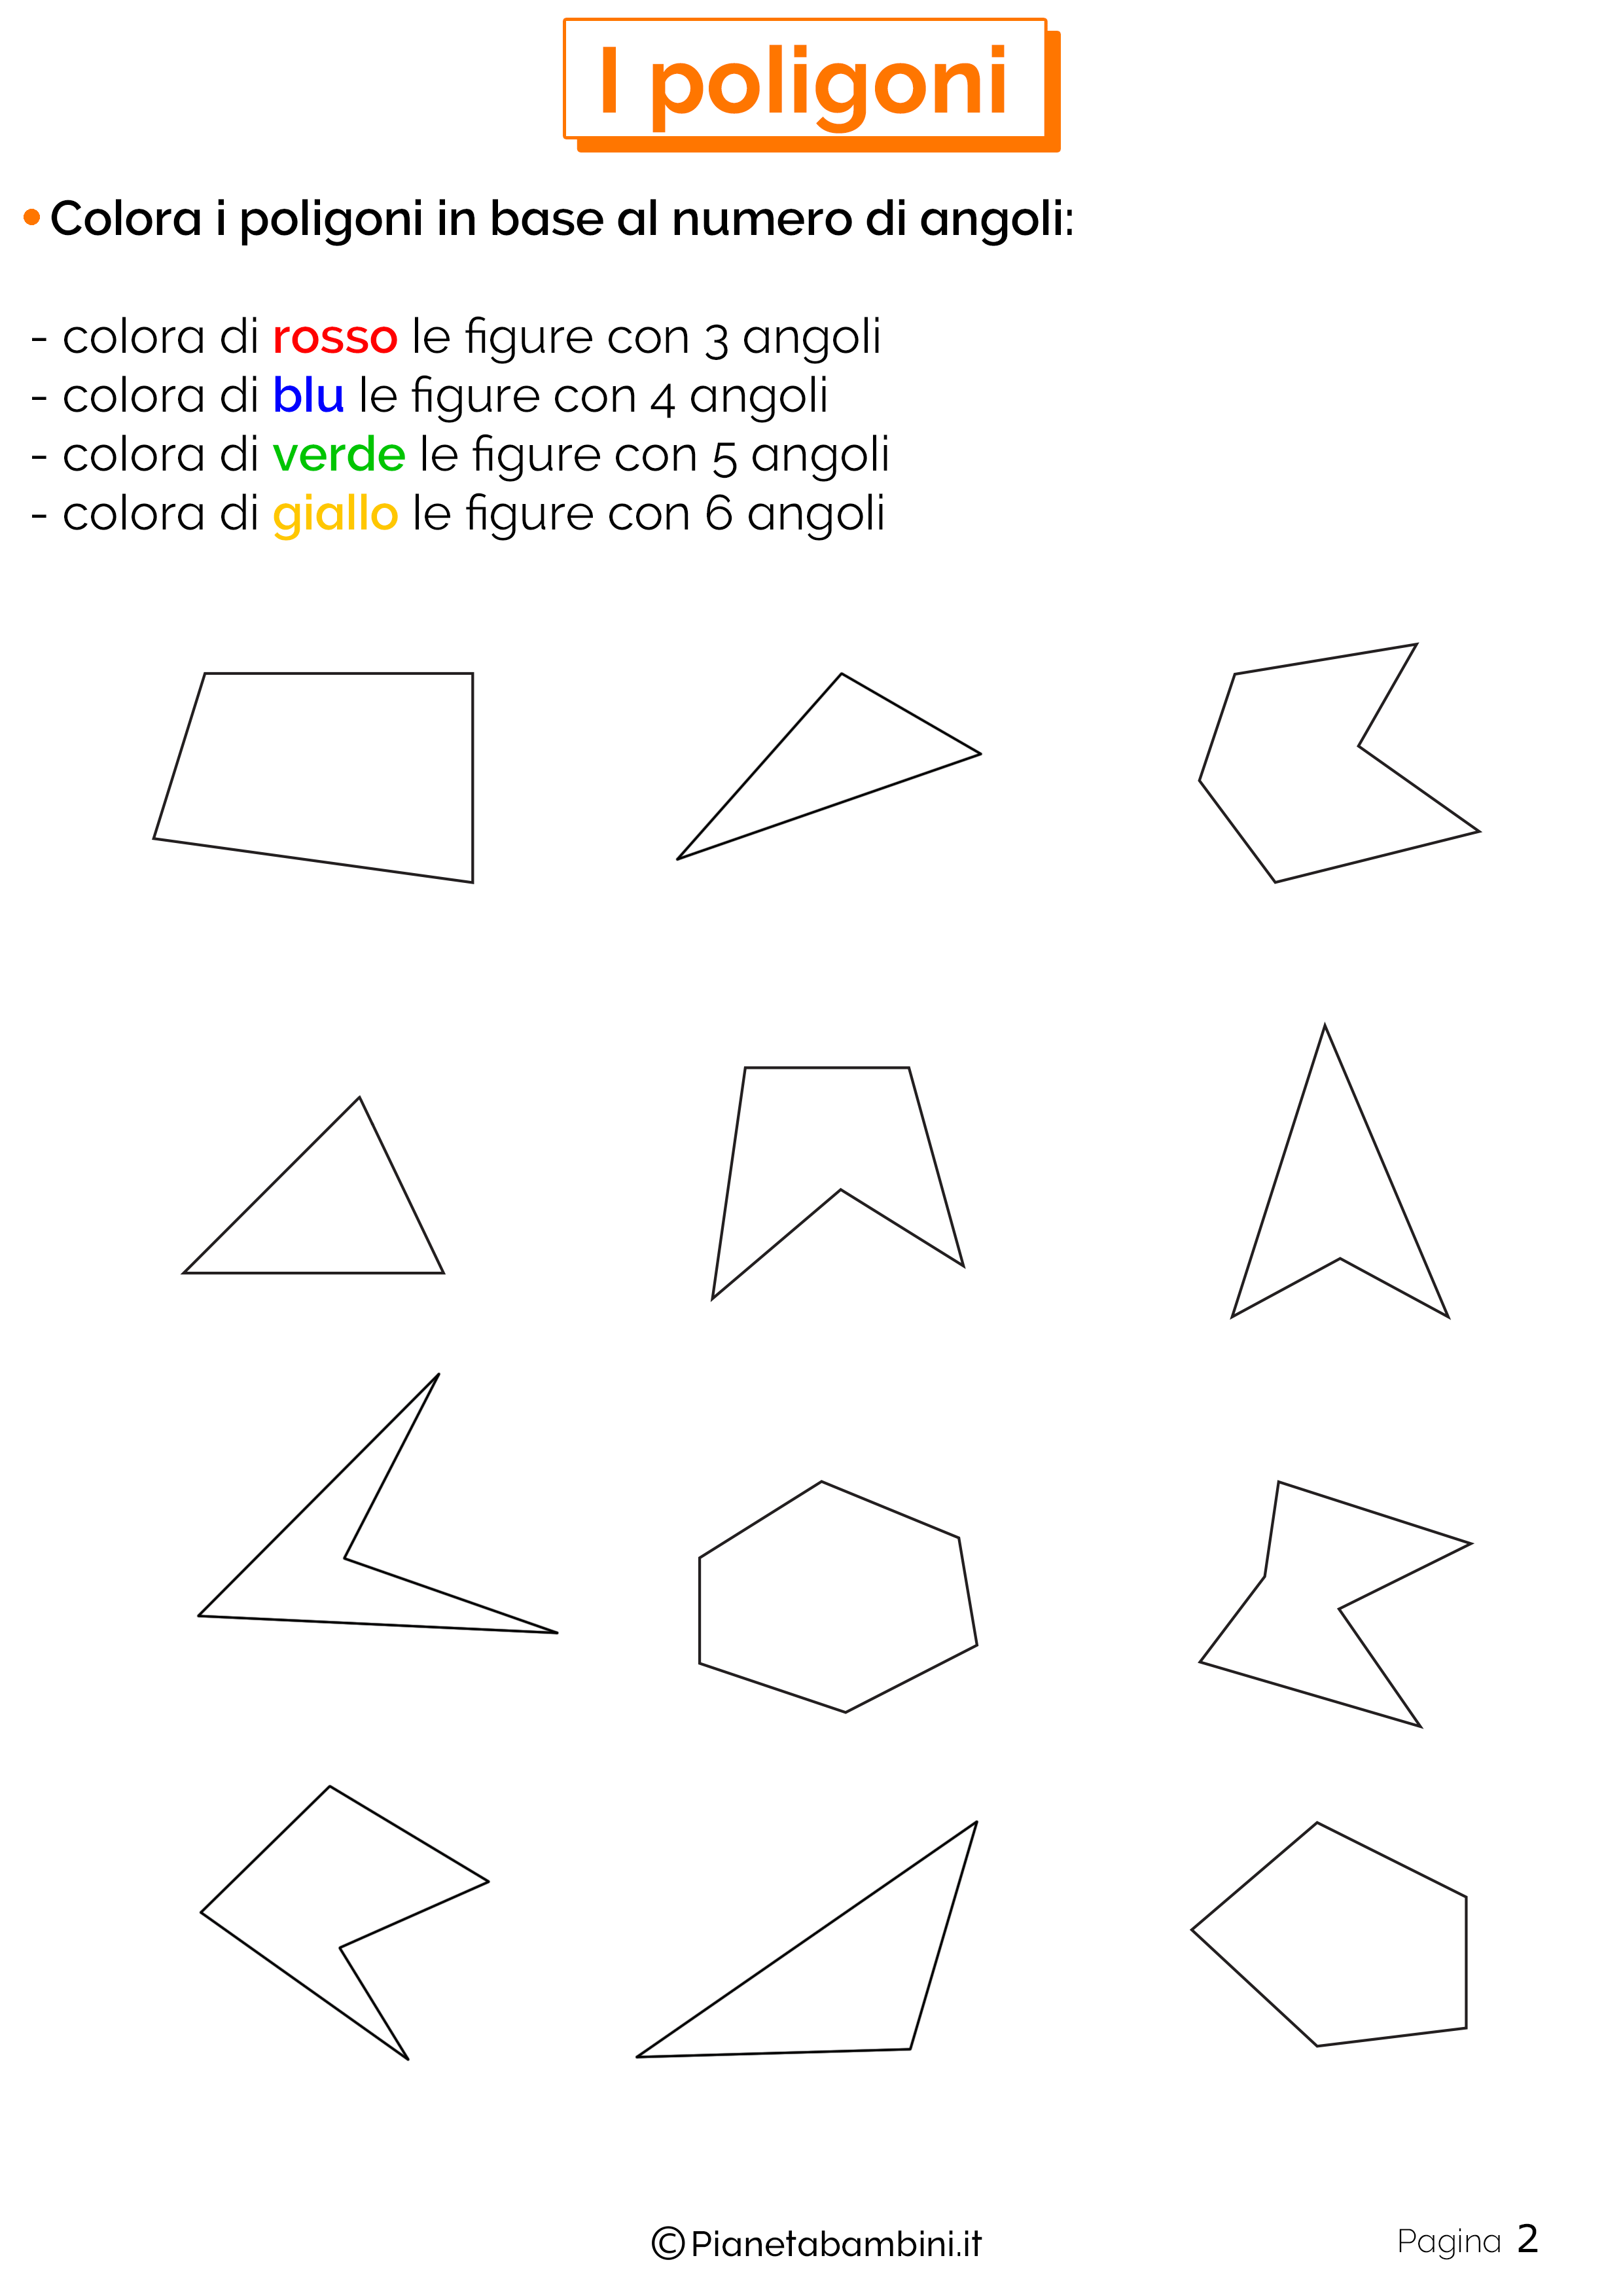 Esercizi sui poligoni da stampare 2